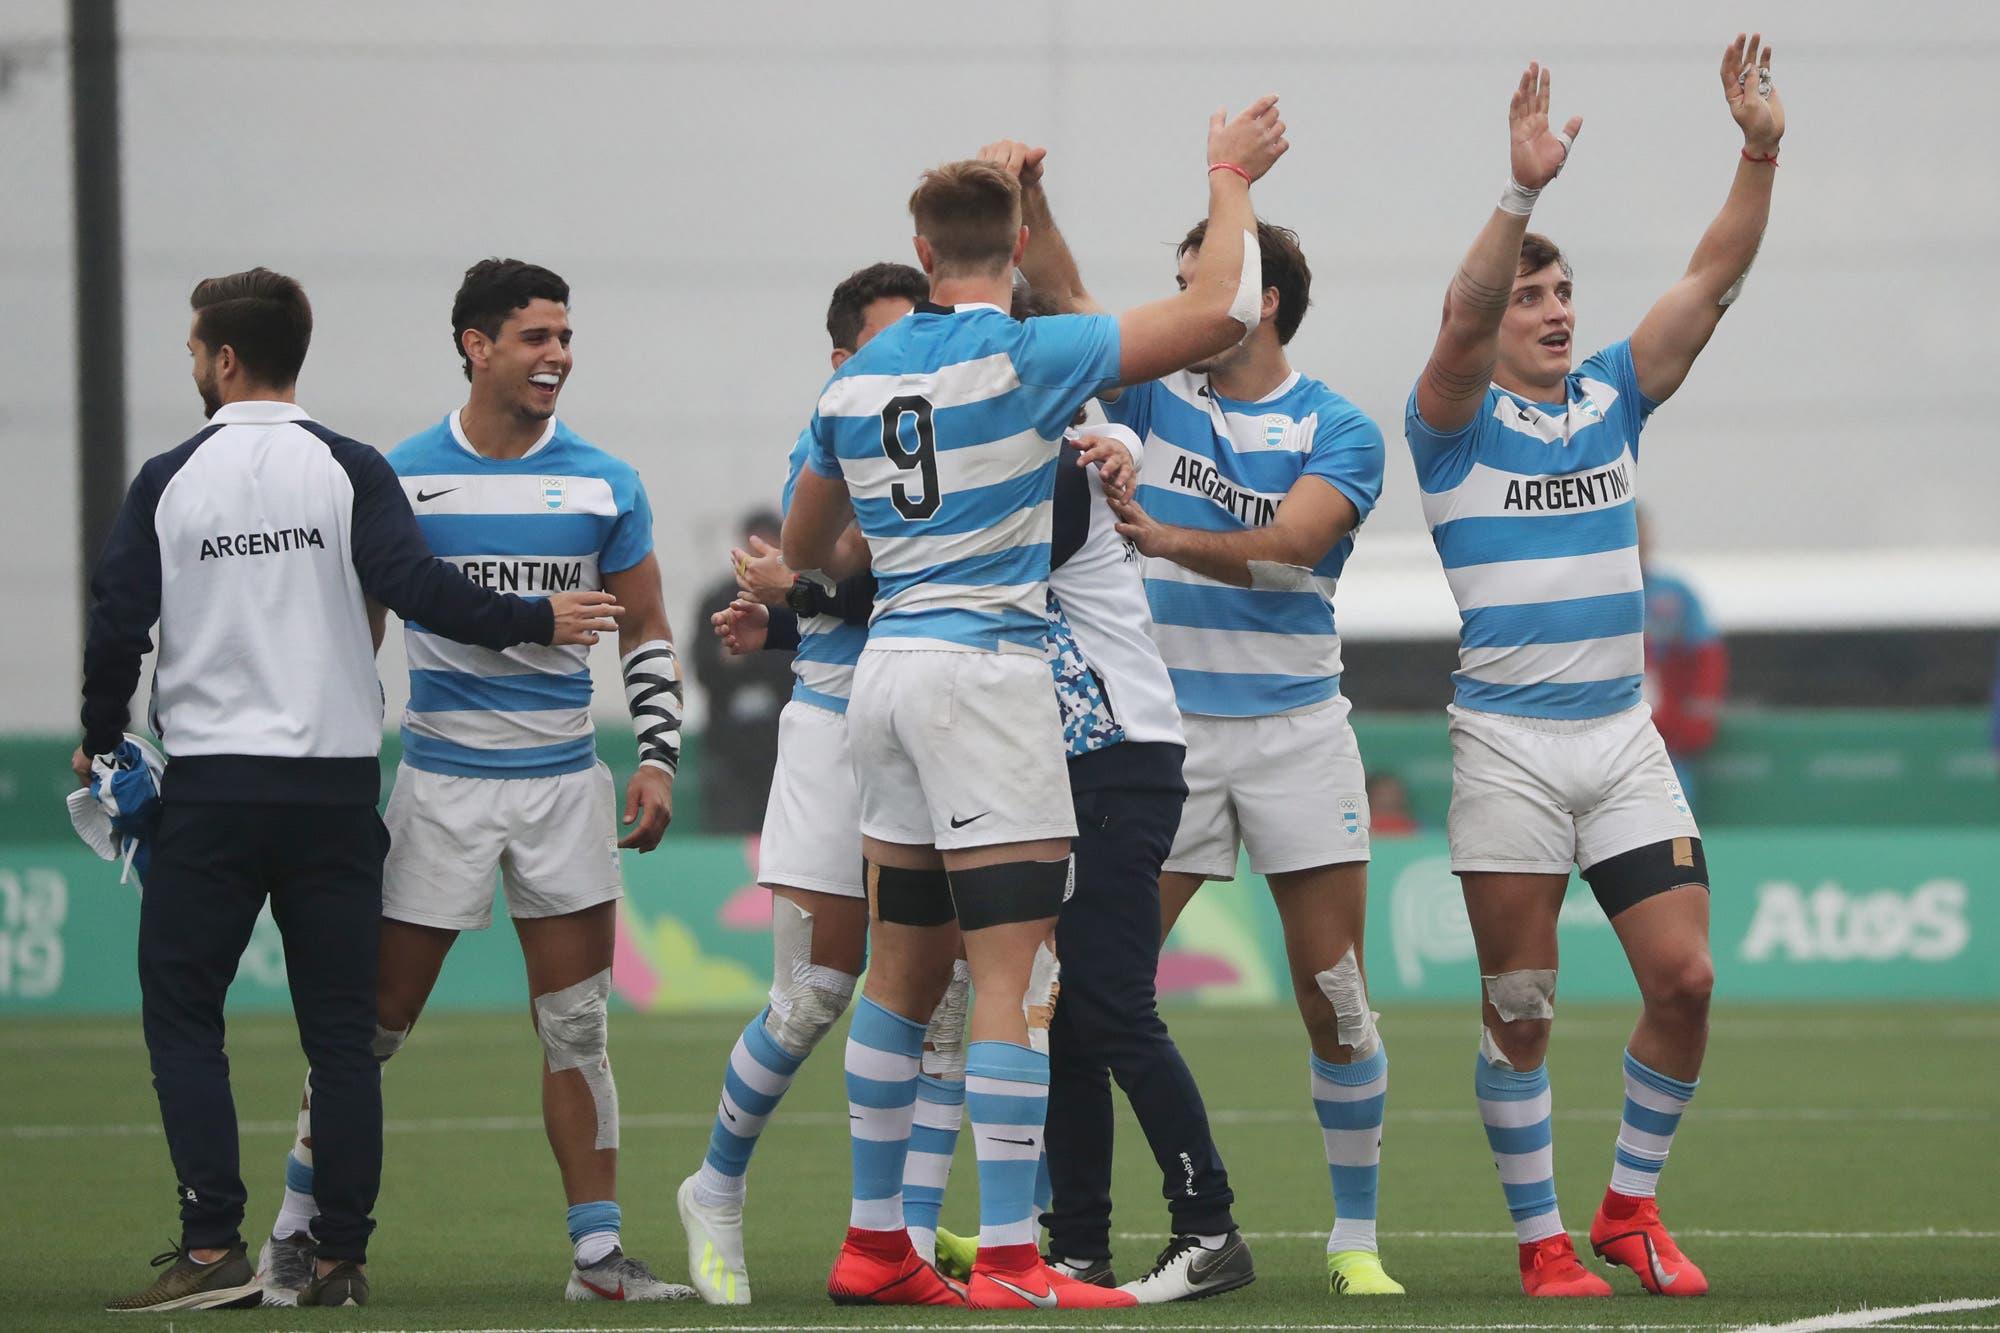 Juegos Panamericanos: el rugby saldó una deuda histórica y ganó su primera medalla de oro